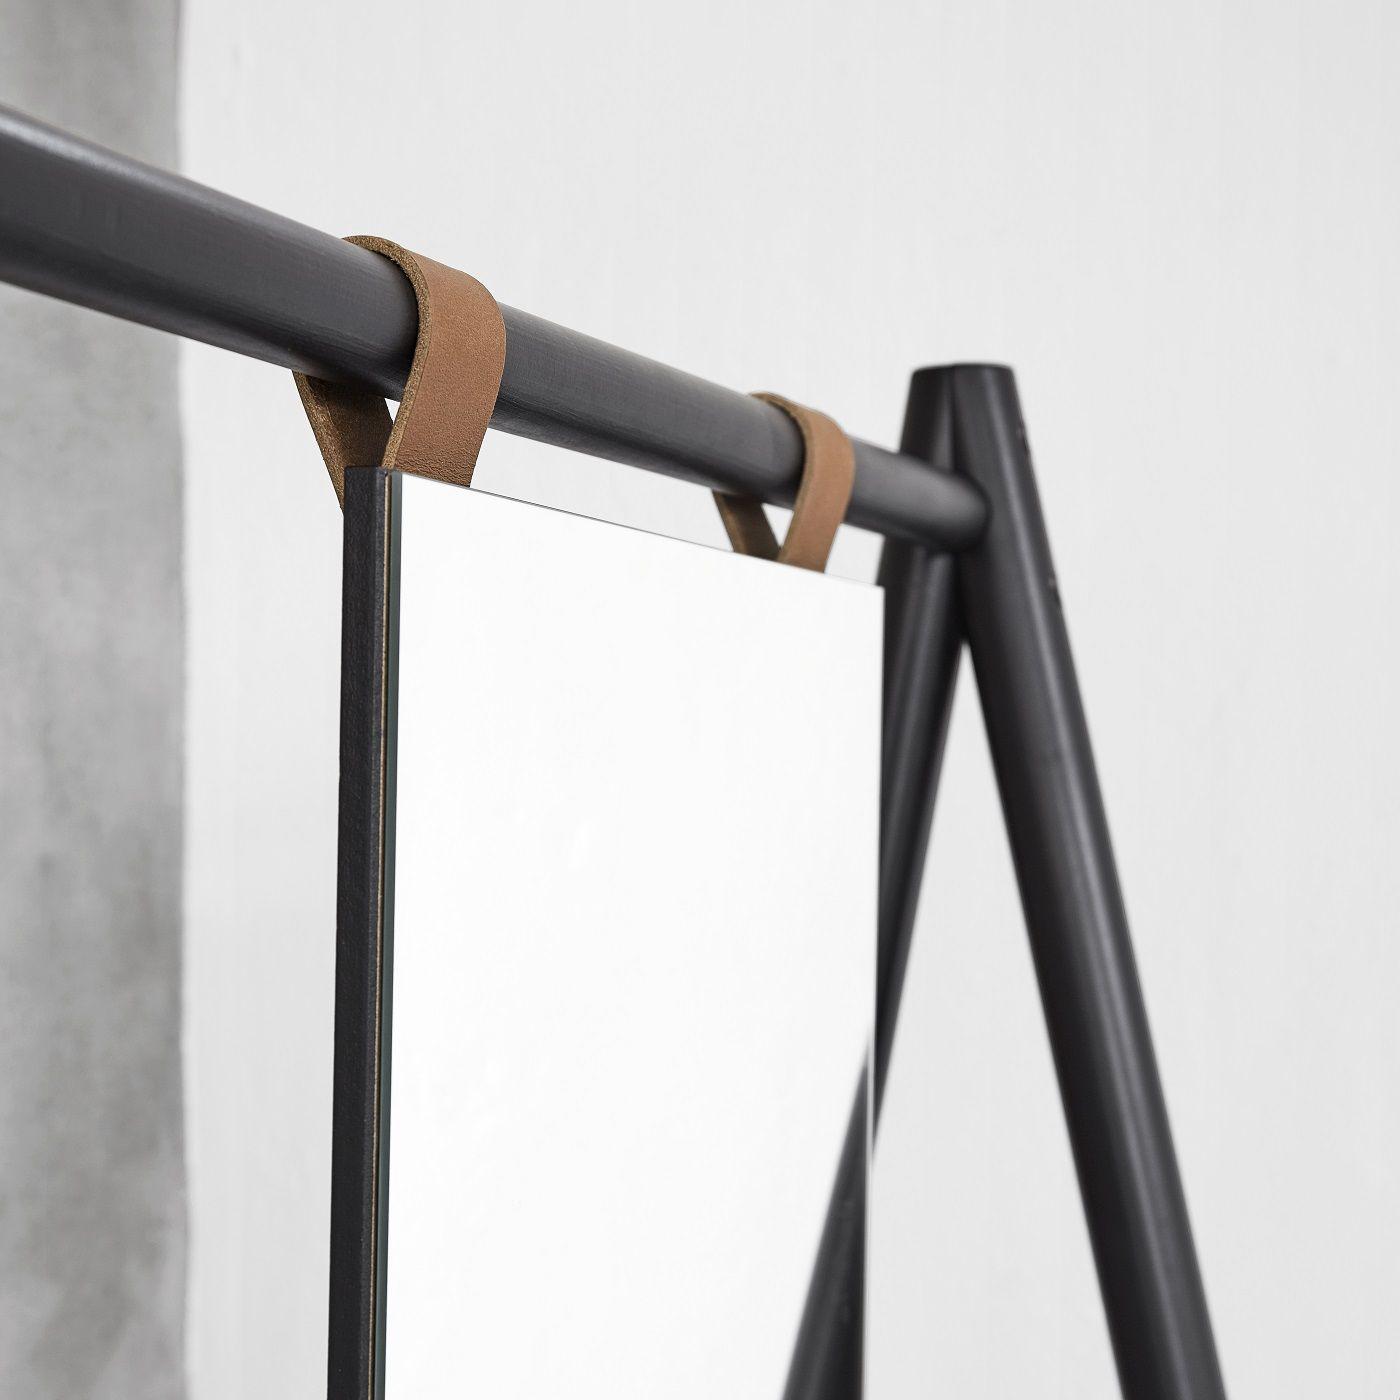 Hongi Tøjstativ m. spejl, Sort fyrretræ - Karup Design